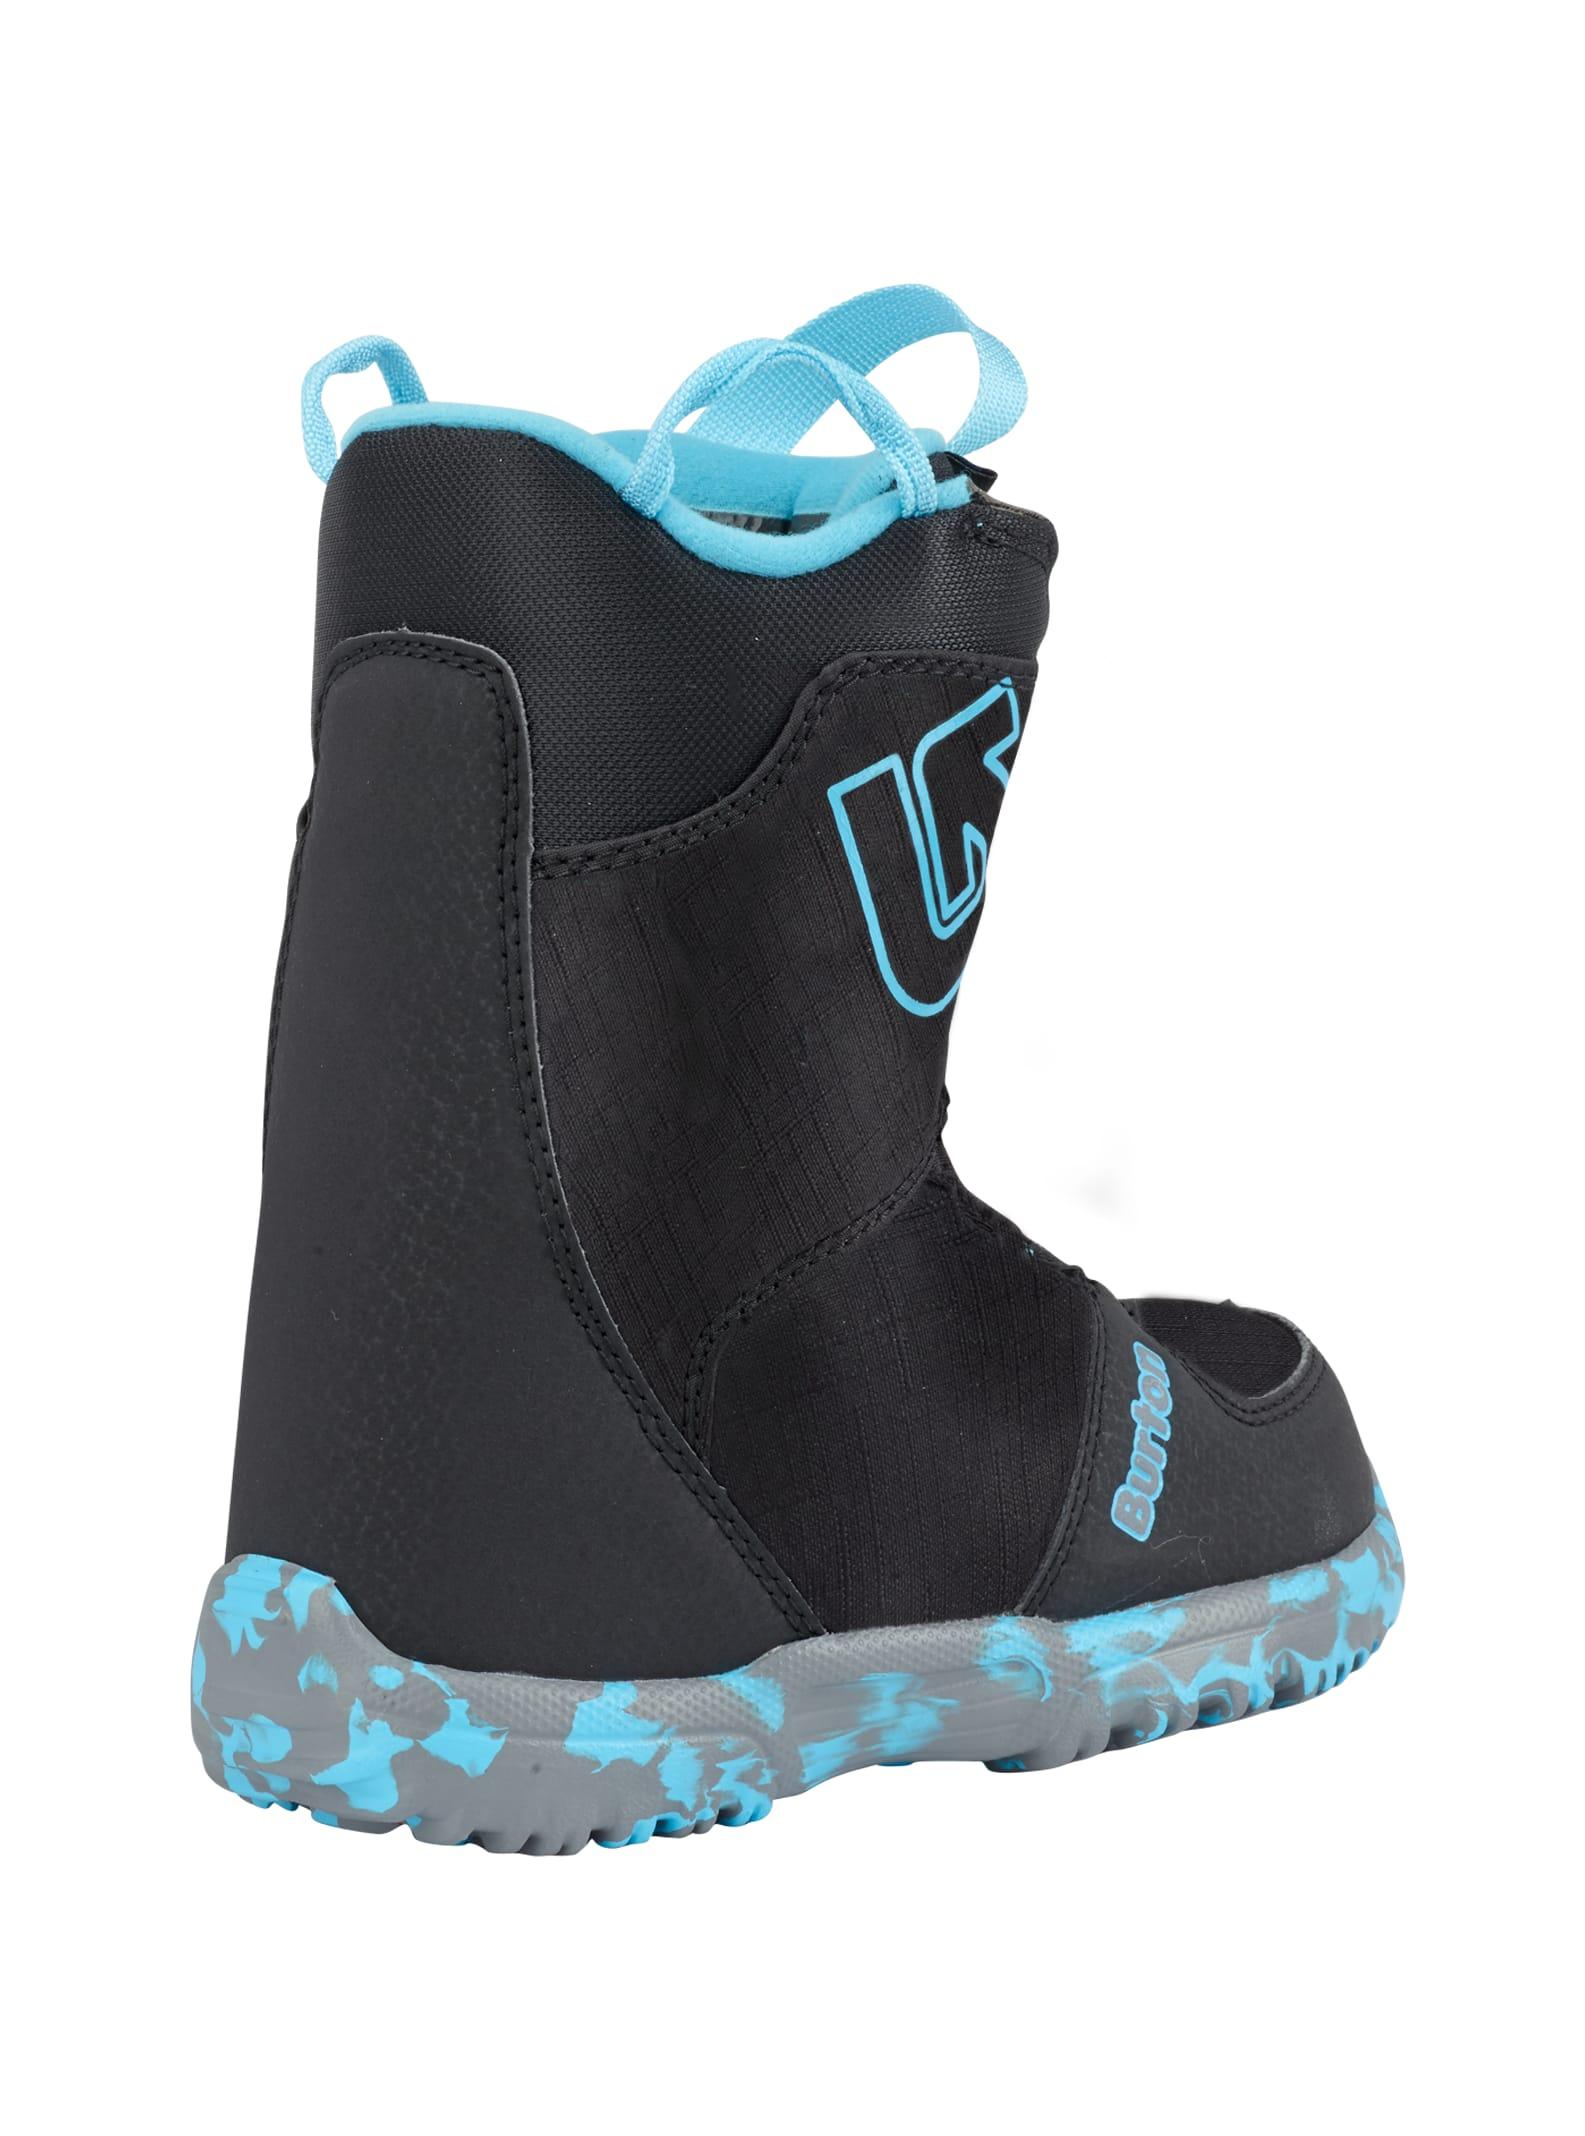 Grom Boa Burton Grom Boa Boots de Snowboard pour Enfant Enfant